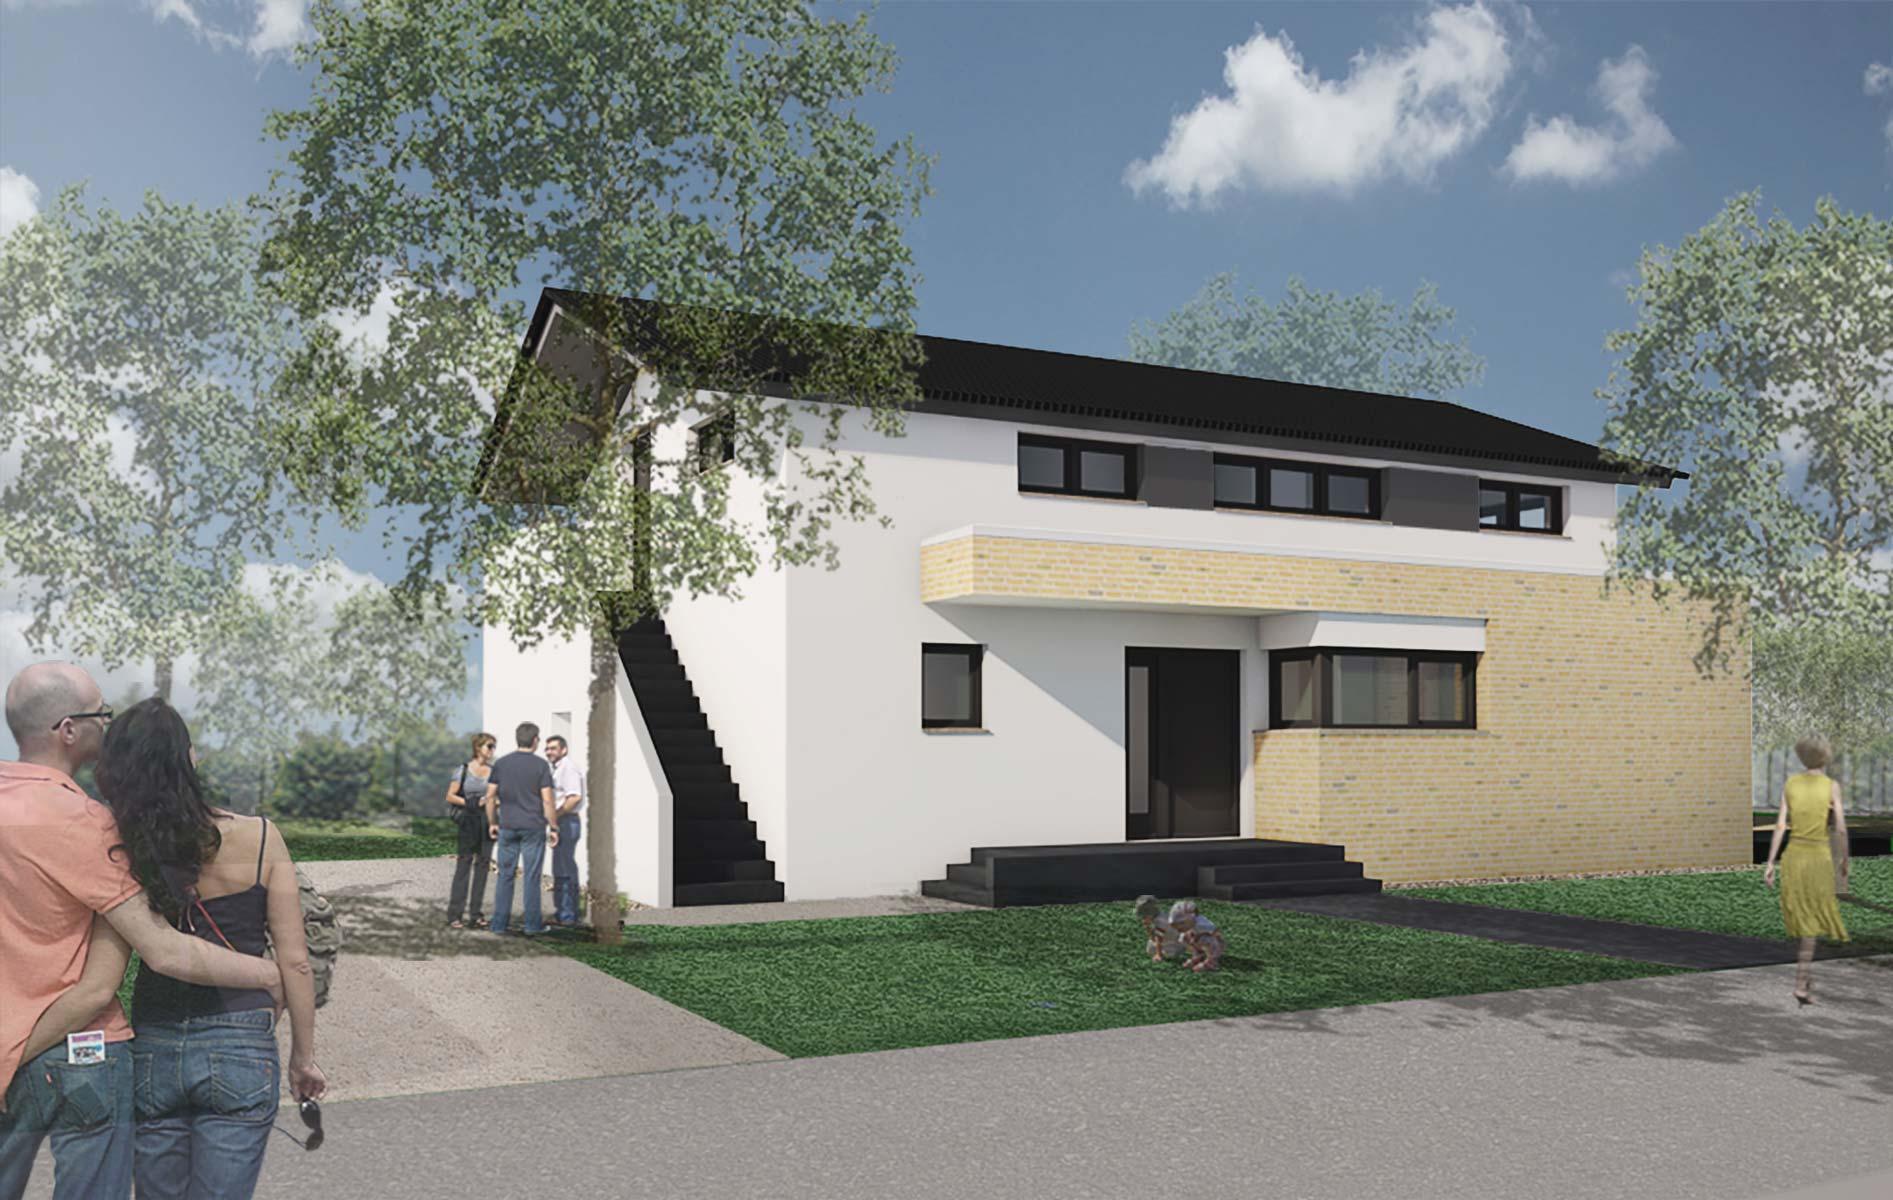 Wohnen Arbeiten Am Waldrand Potsdam Sabi Architekten Partgmbb